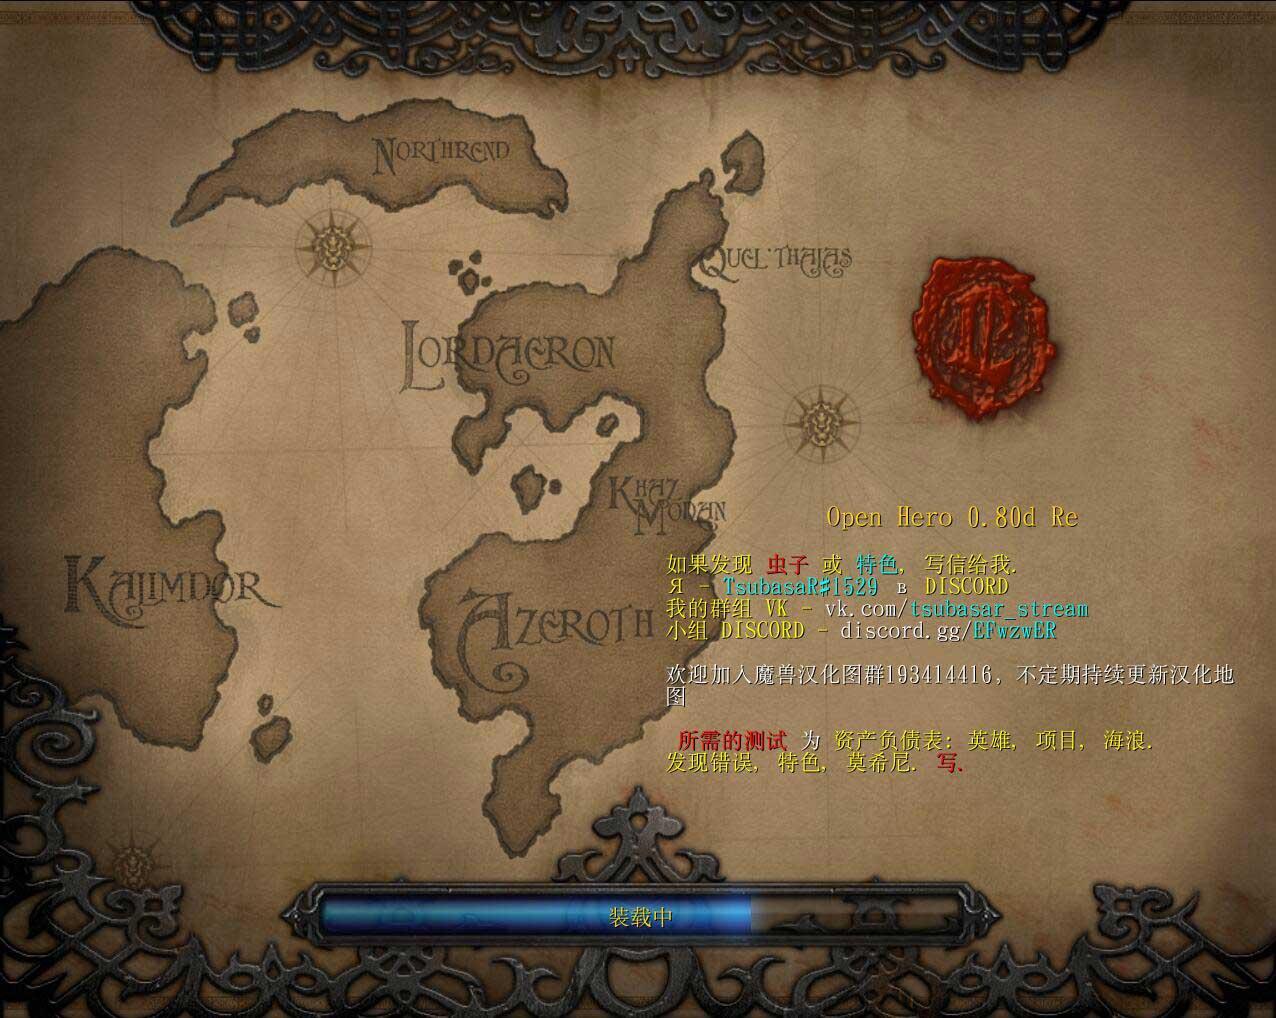 《自定义英雄》v1.0汉化版[war3地图]